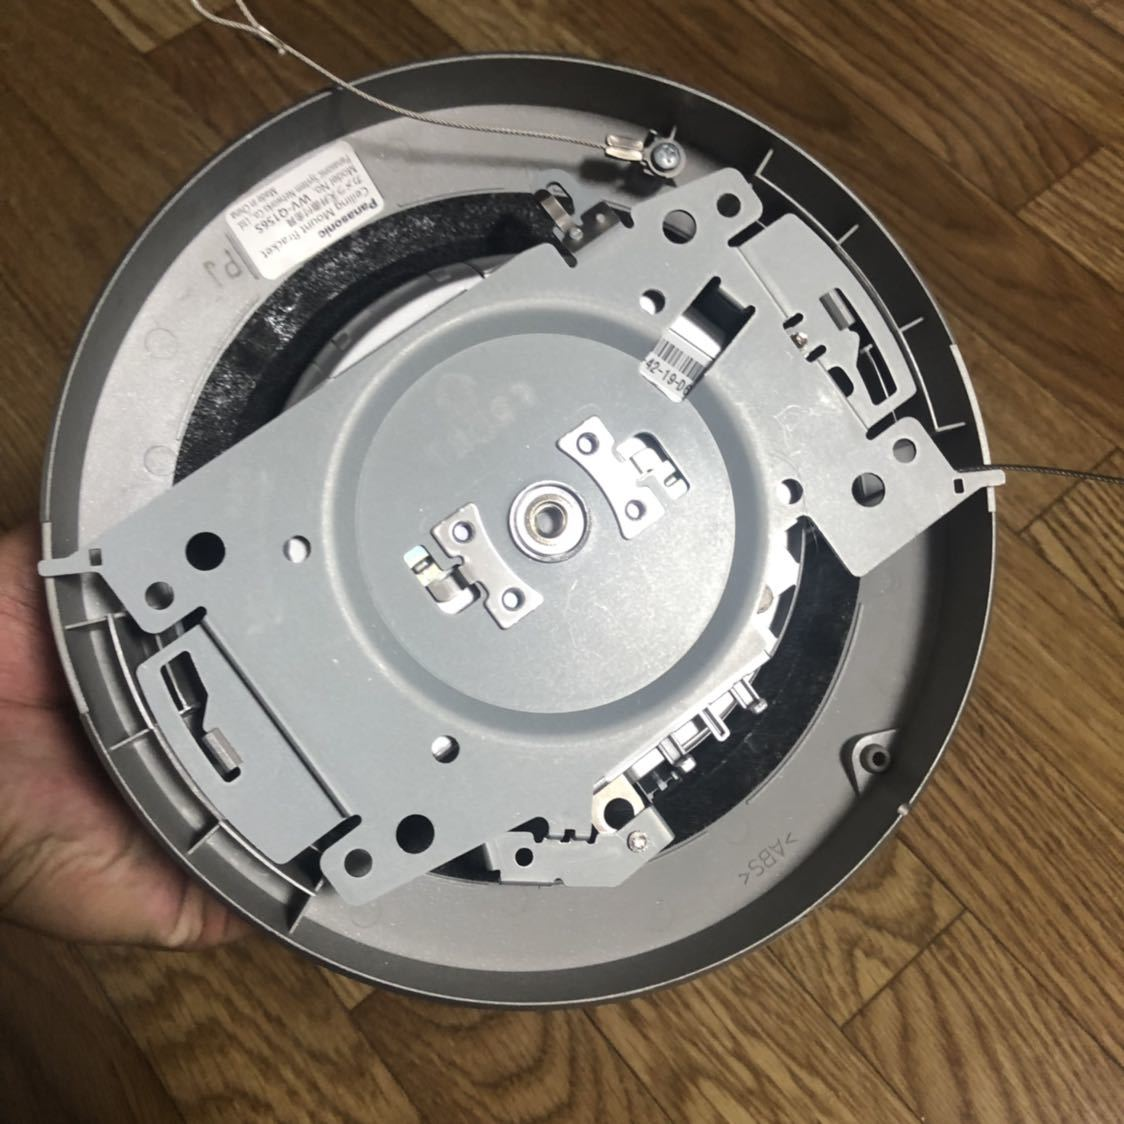 【中古品】Panasonic 屋内ネットワークカメラBB-SC382 HCM580 防犯カメラ 遠隔_画像6